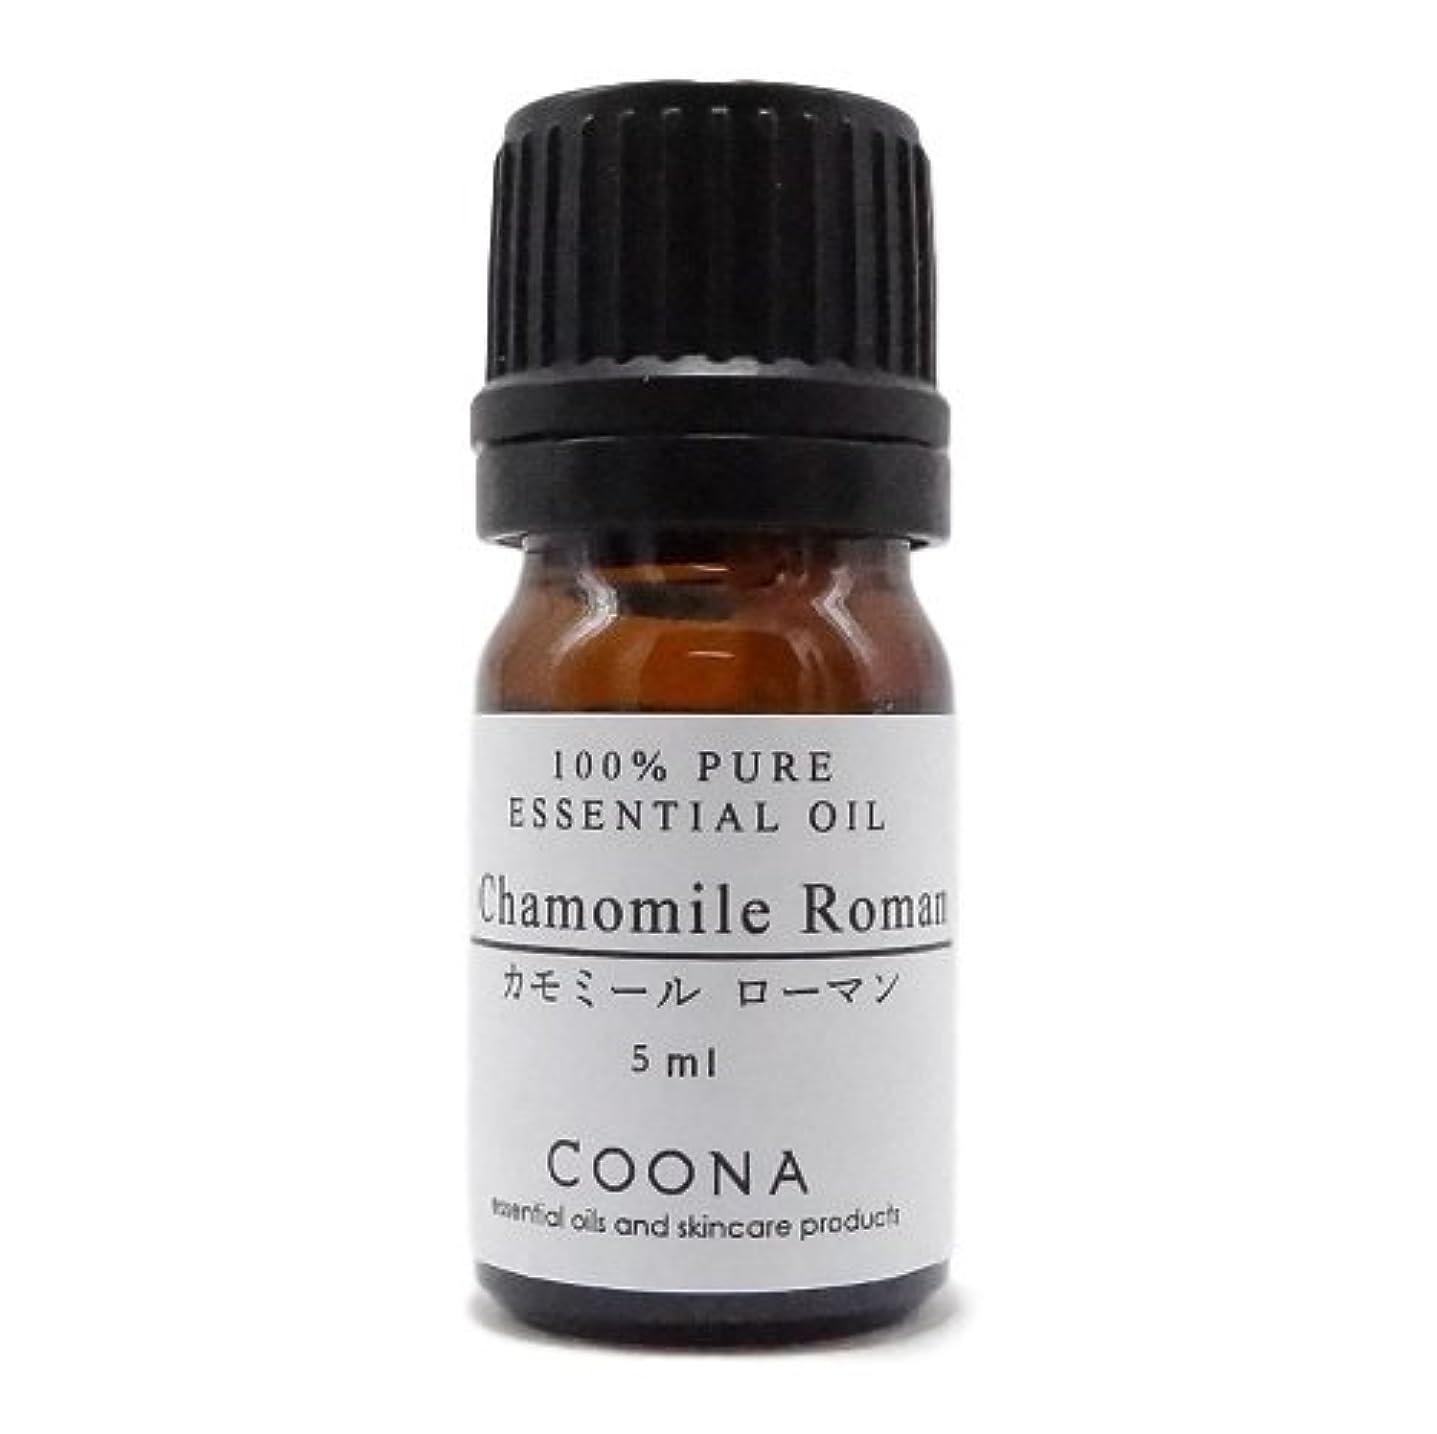 退却環境保護主義者担保カモミール ローマン 5 ml (COONA エッセンシャルオイル アロマオイル 100%天然植物精油)